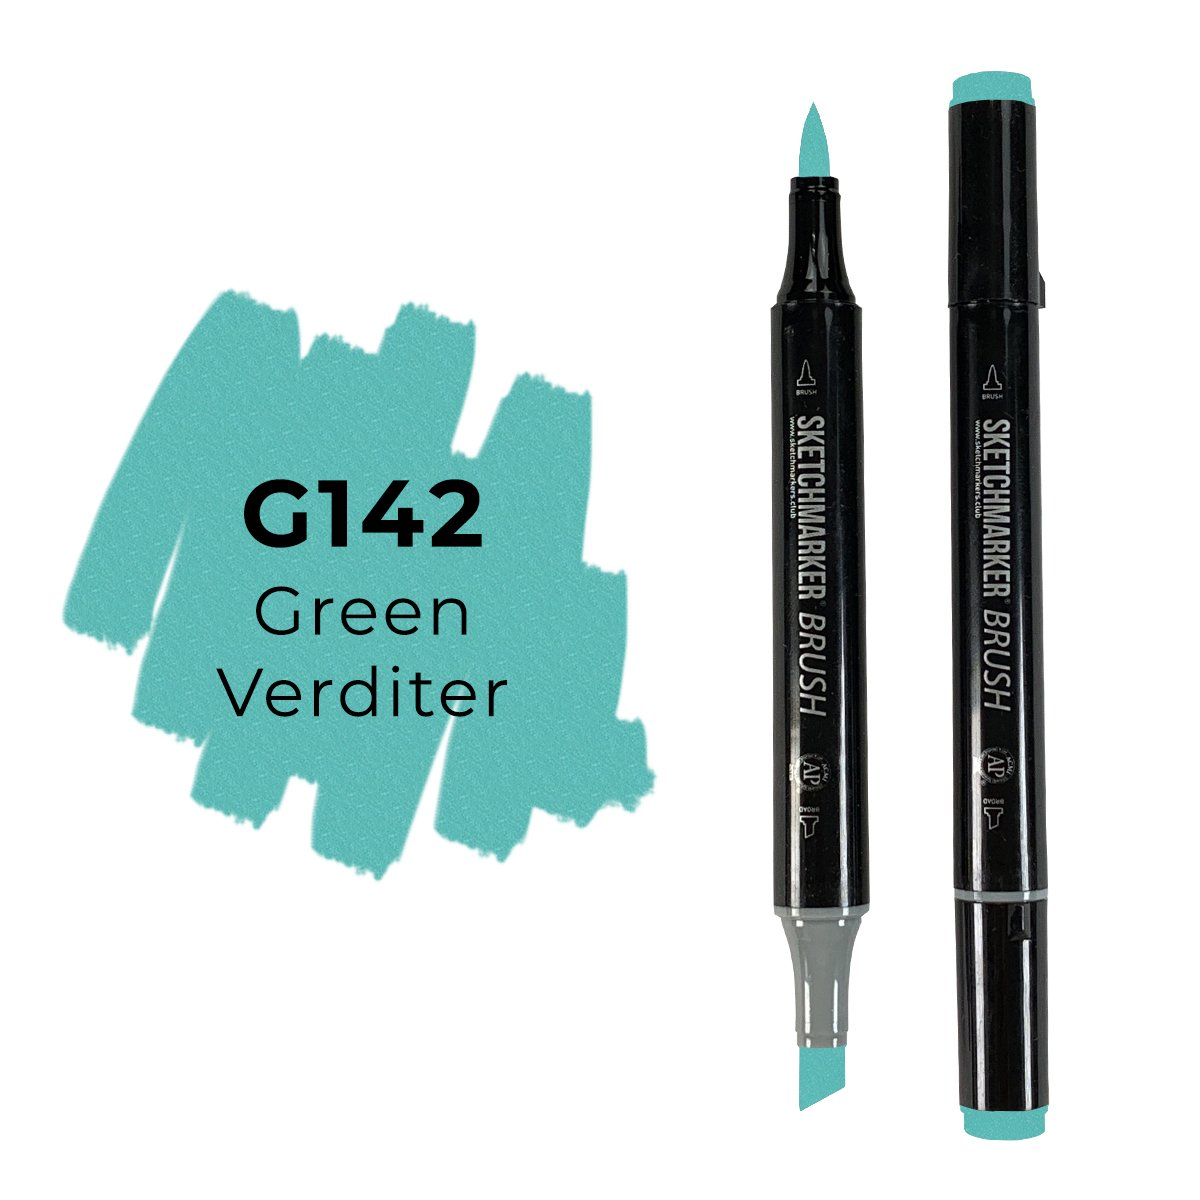 SKETCHMARKER BRUSH PRO Color: Green Verditer